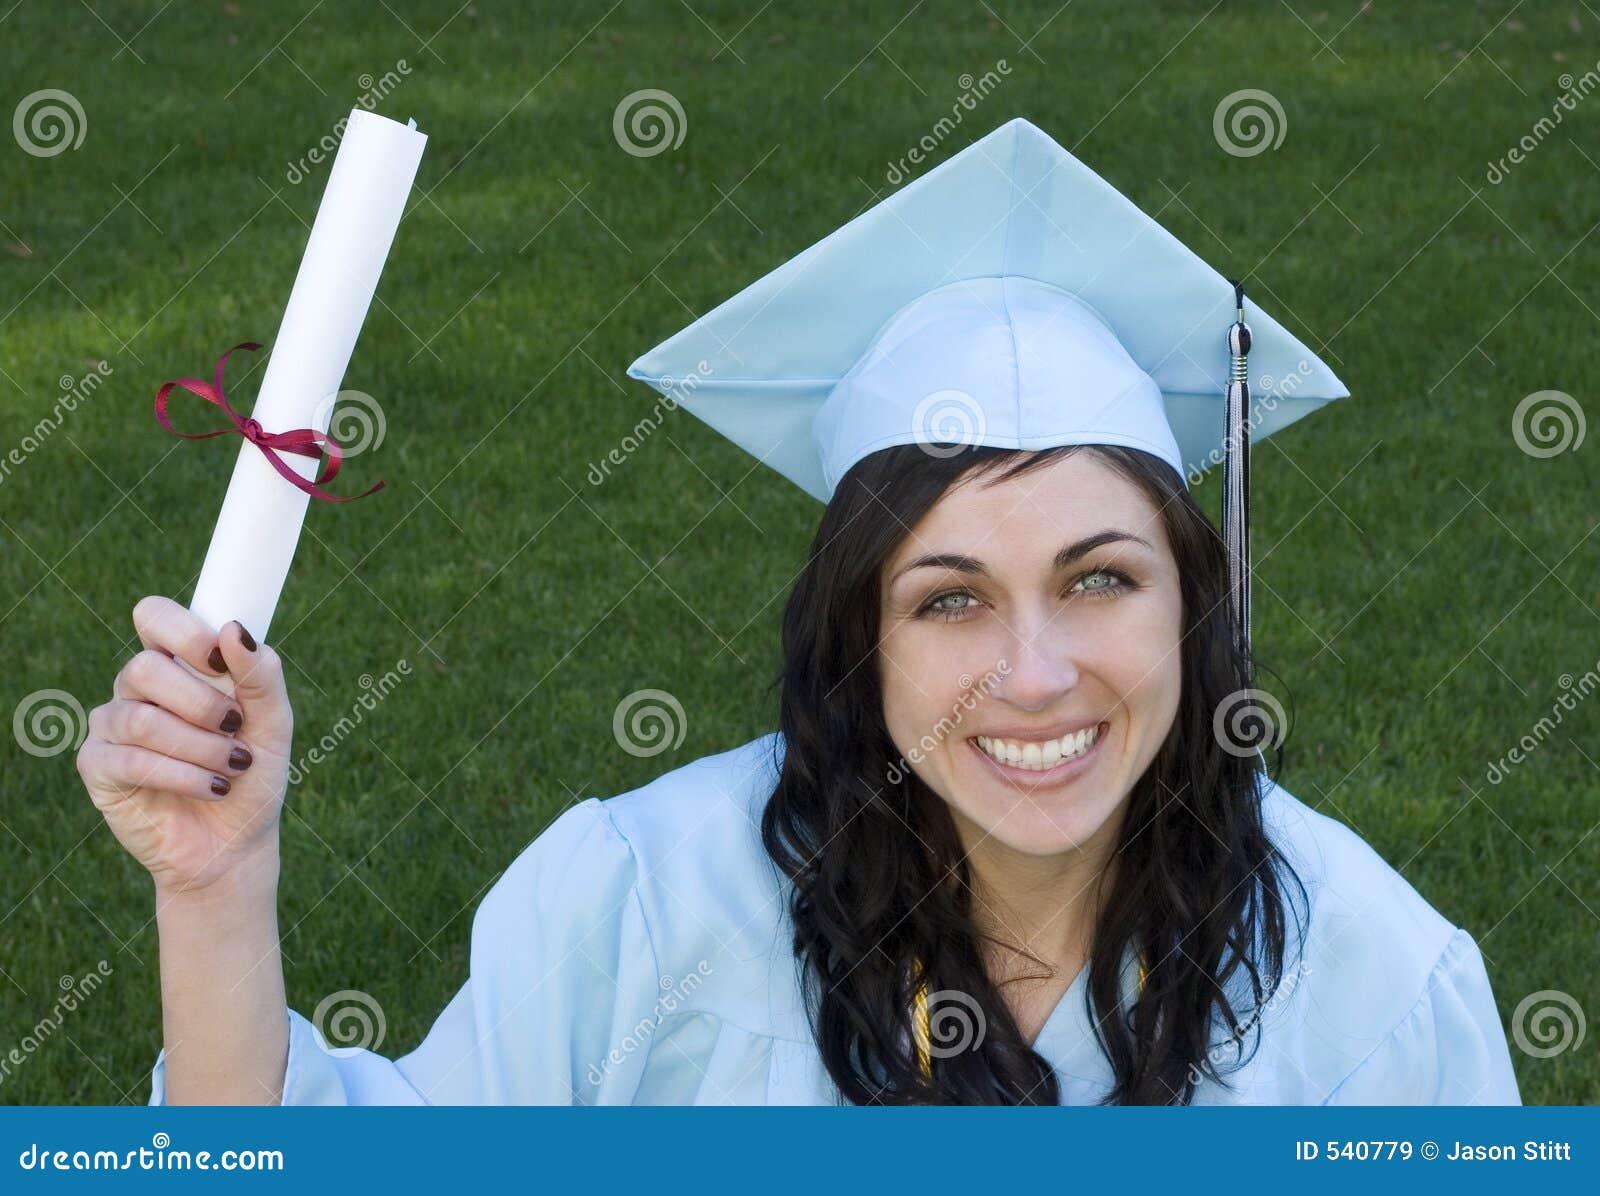 Download 毕业生 库存图片. 图片 包括有 女孩, 褂子, 教育, 成功, 学校, 毕业生, 微笑, 学院, 毕业, 文凭 - 540779